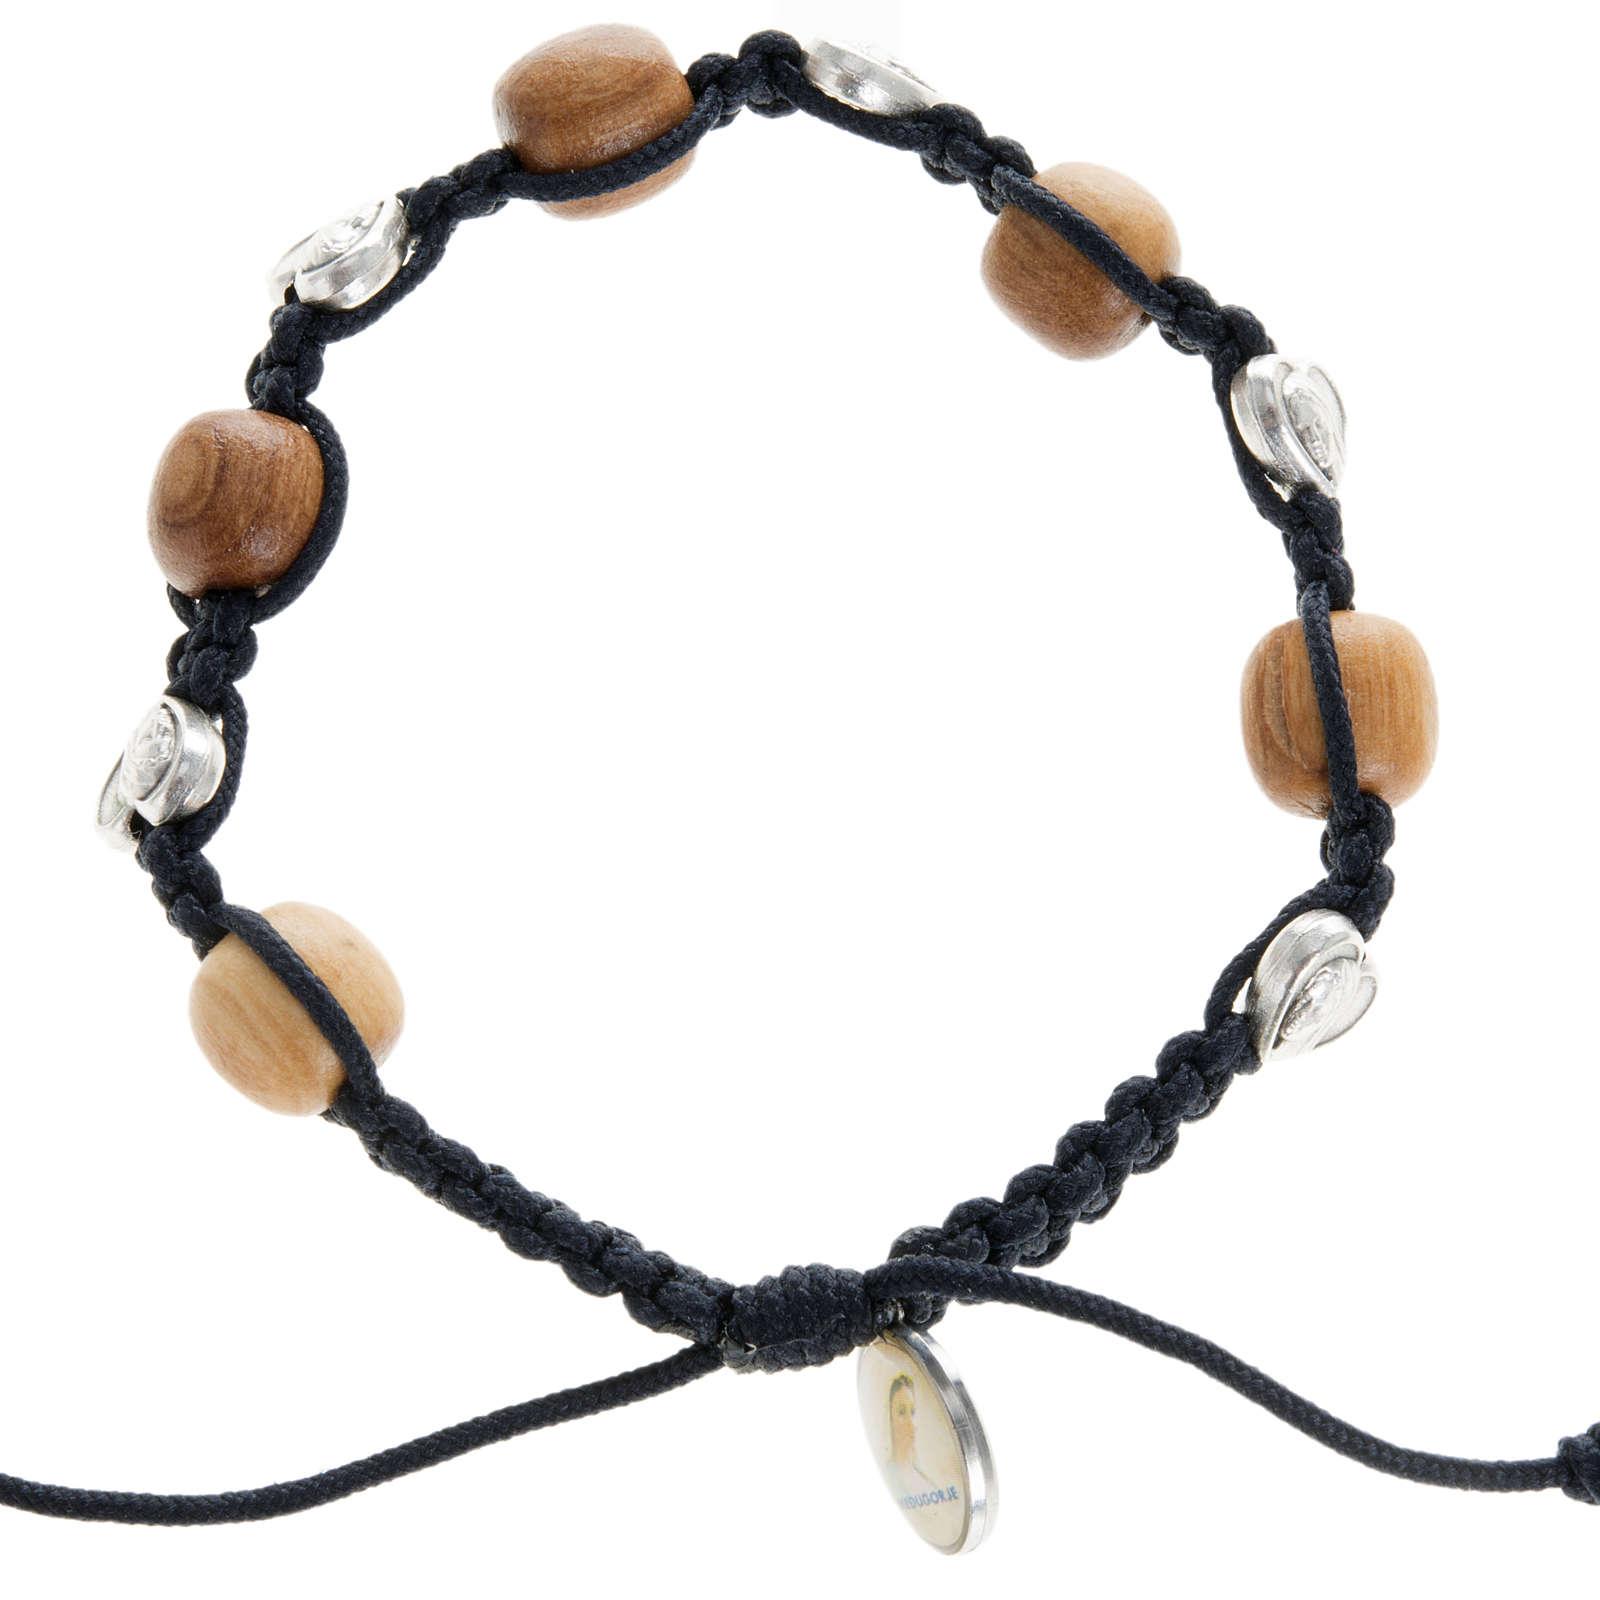 Bracelet in olive wood and hearts, Medjugorje 4